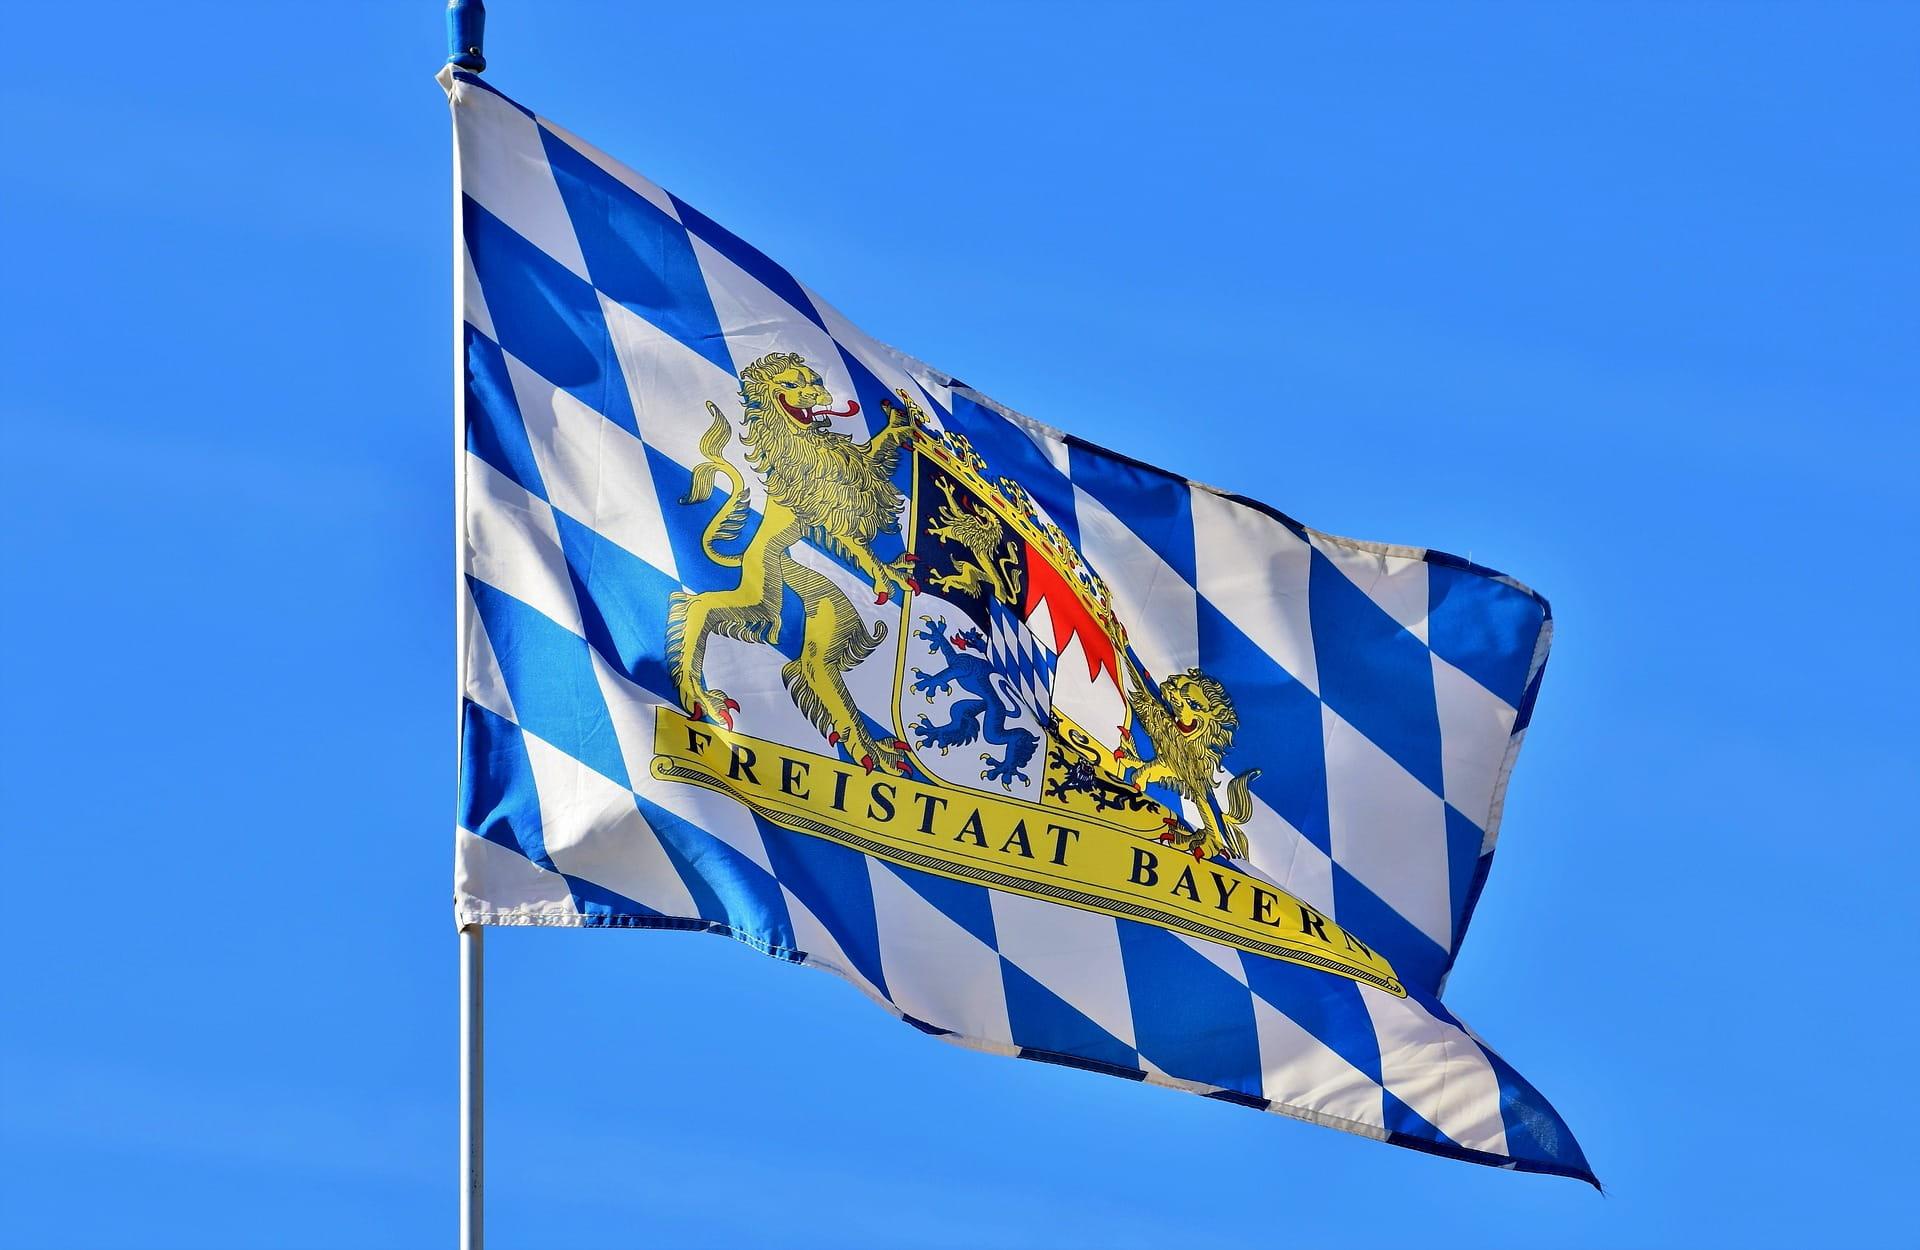 Die Flagge des Freistaats Bayern.